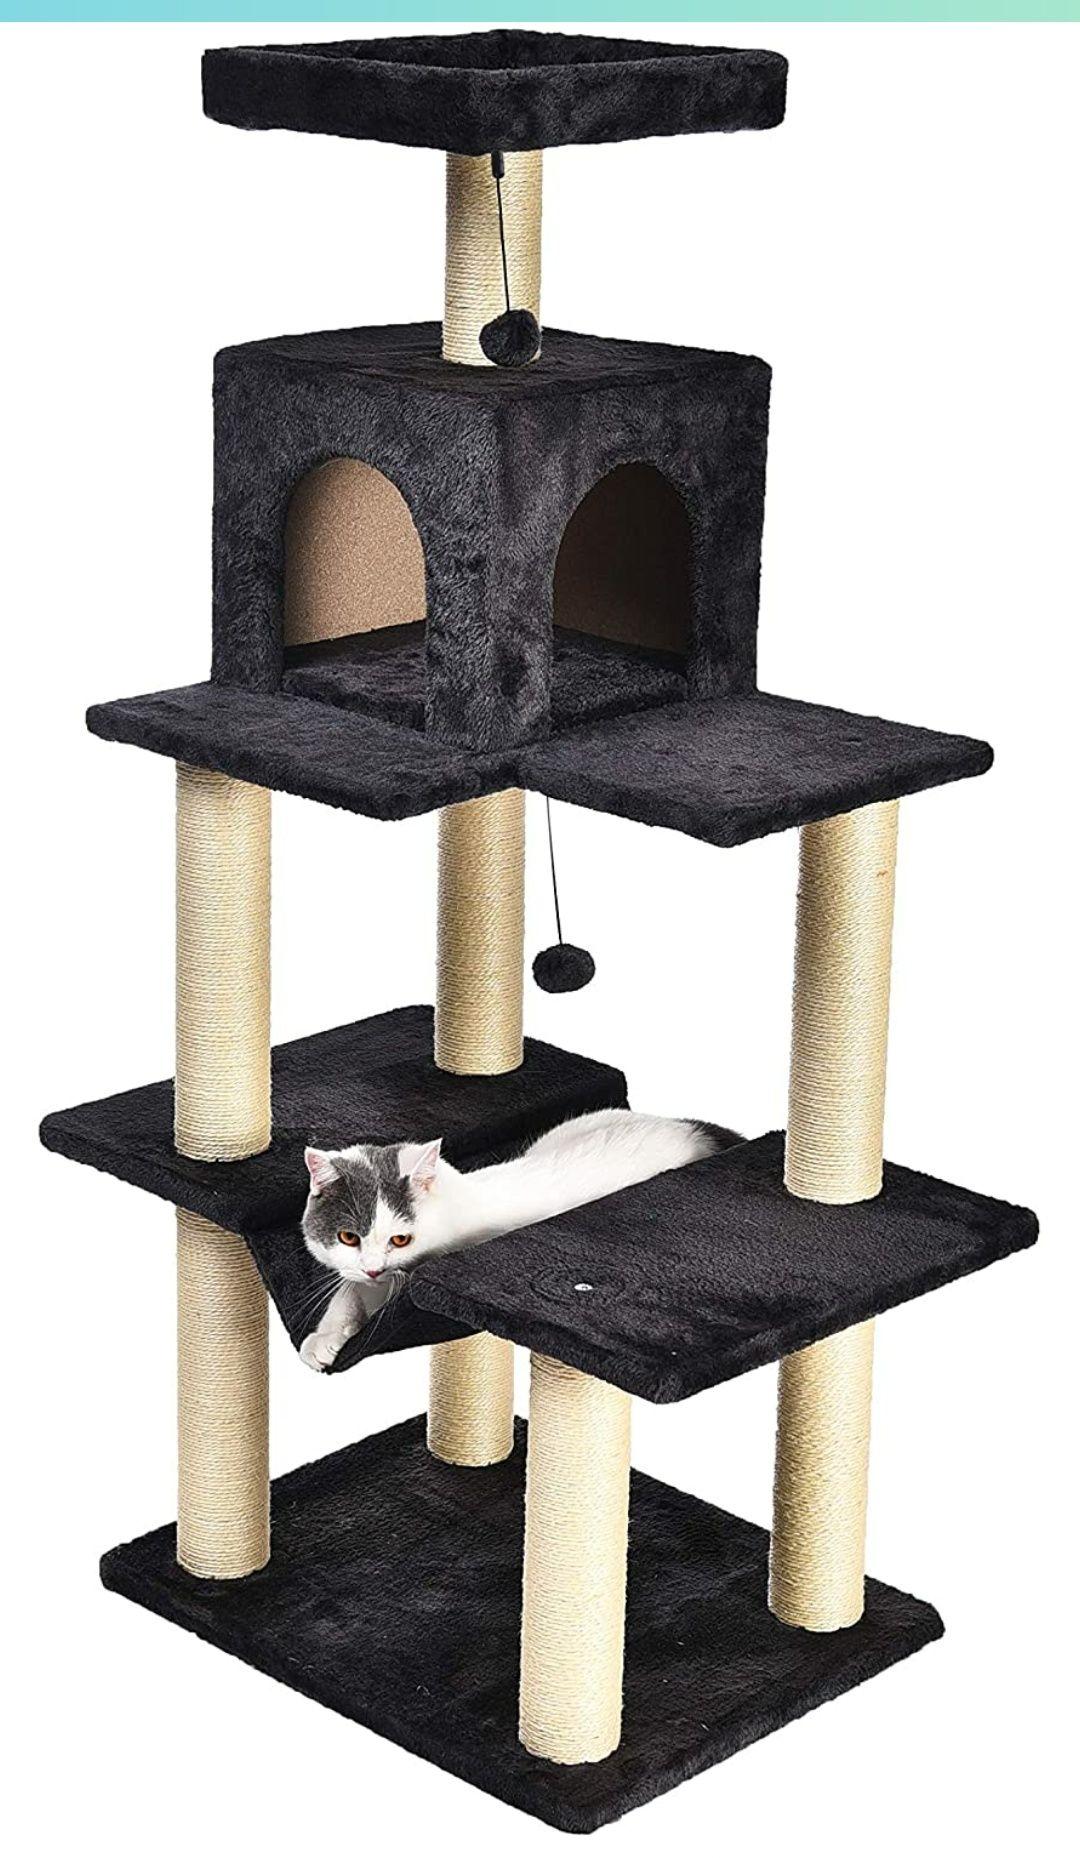 Arbre à chat Amazon Basics avec abri et hamac - Taille S